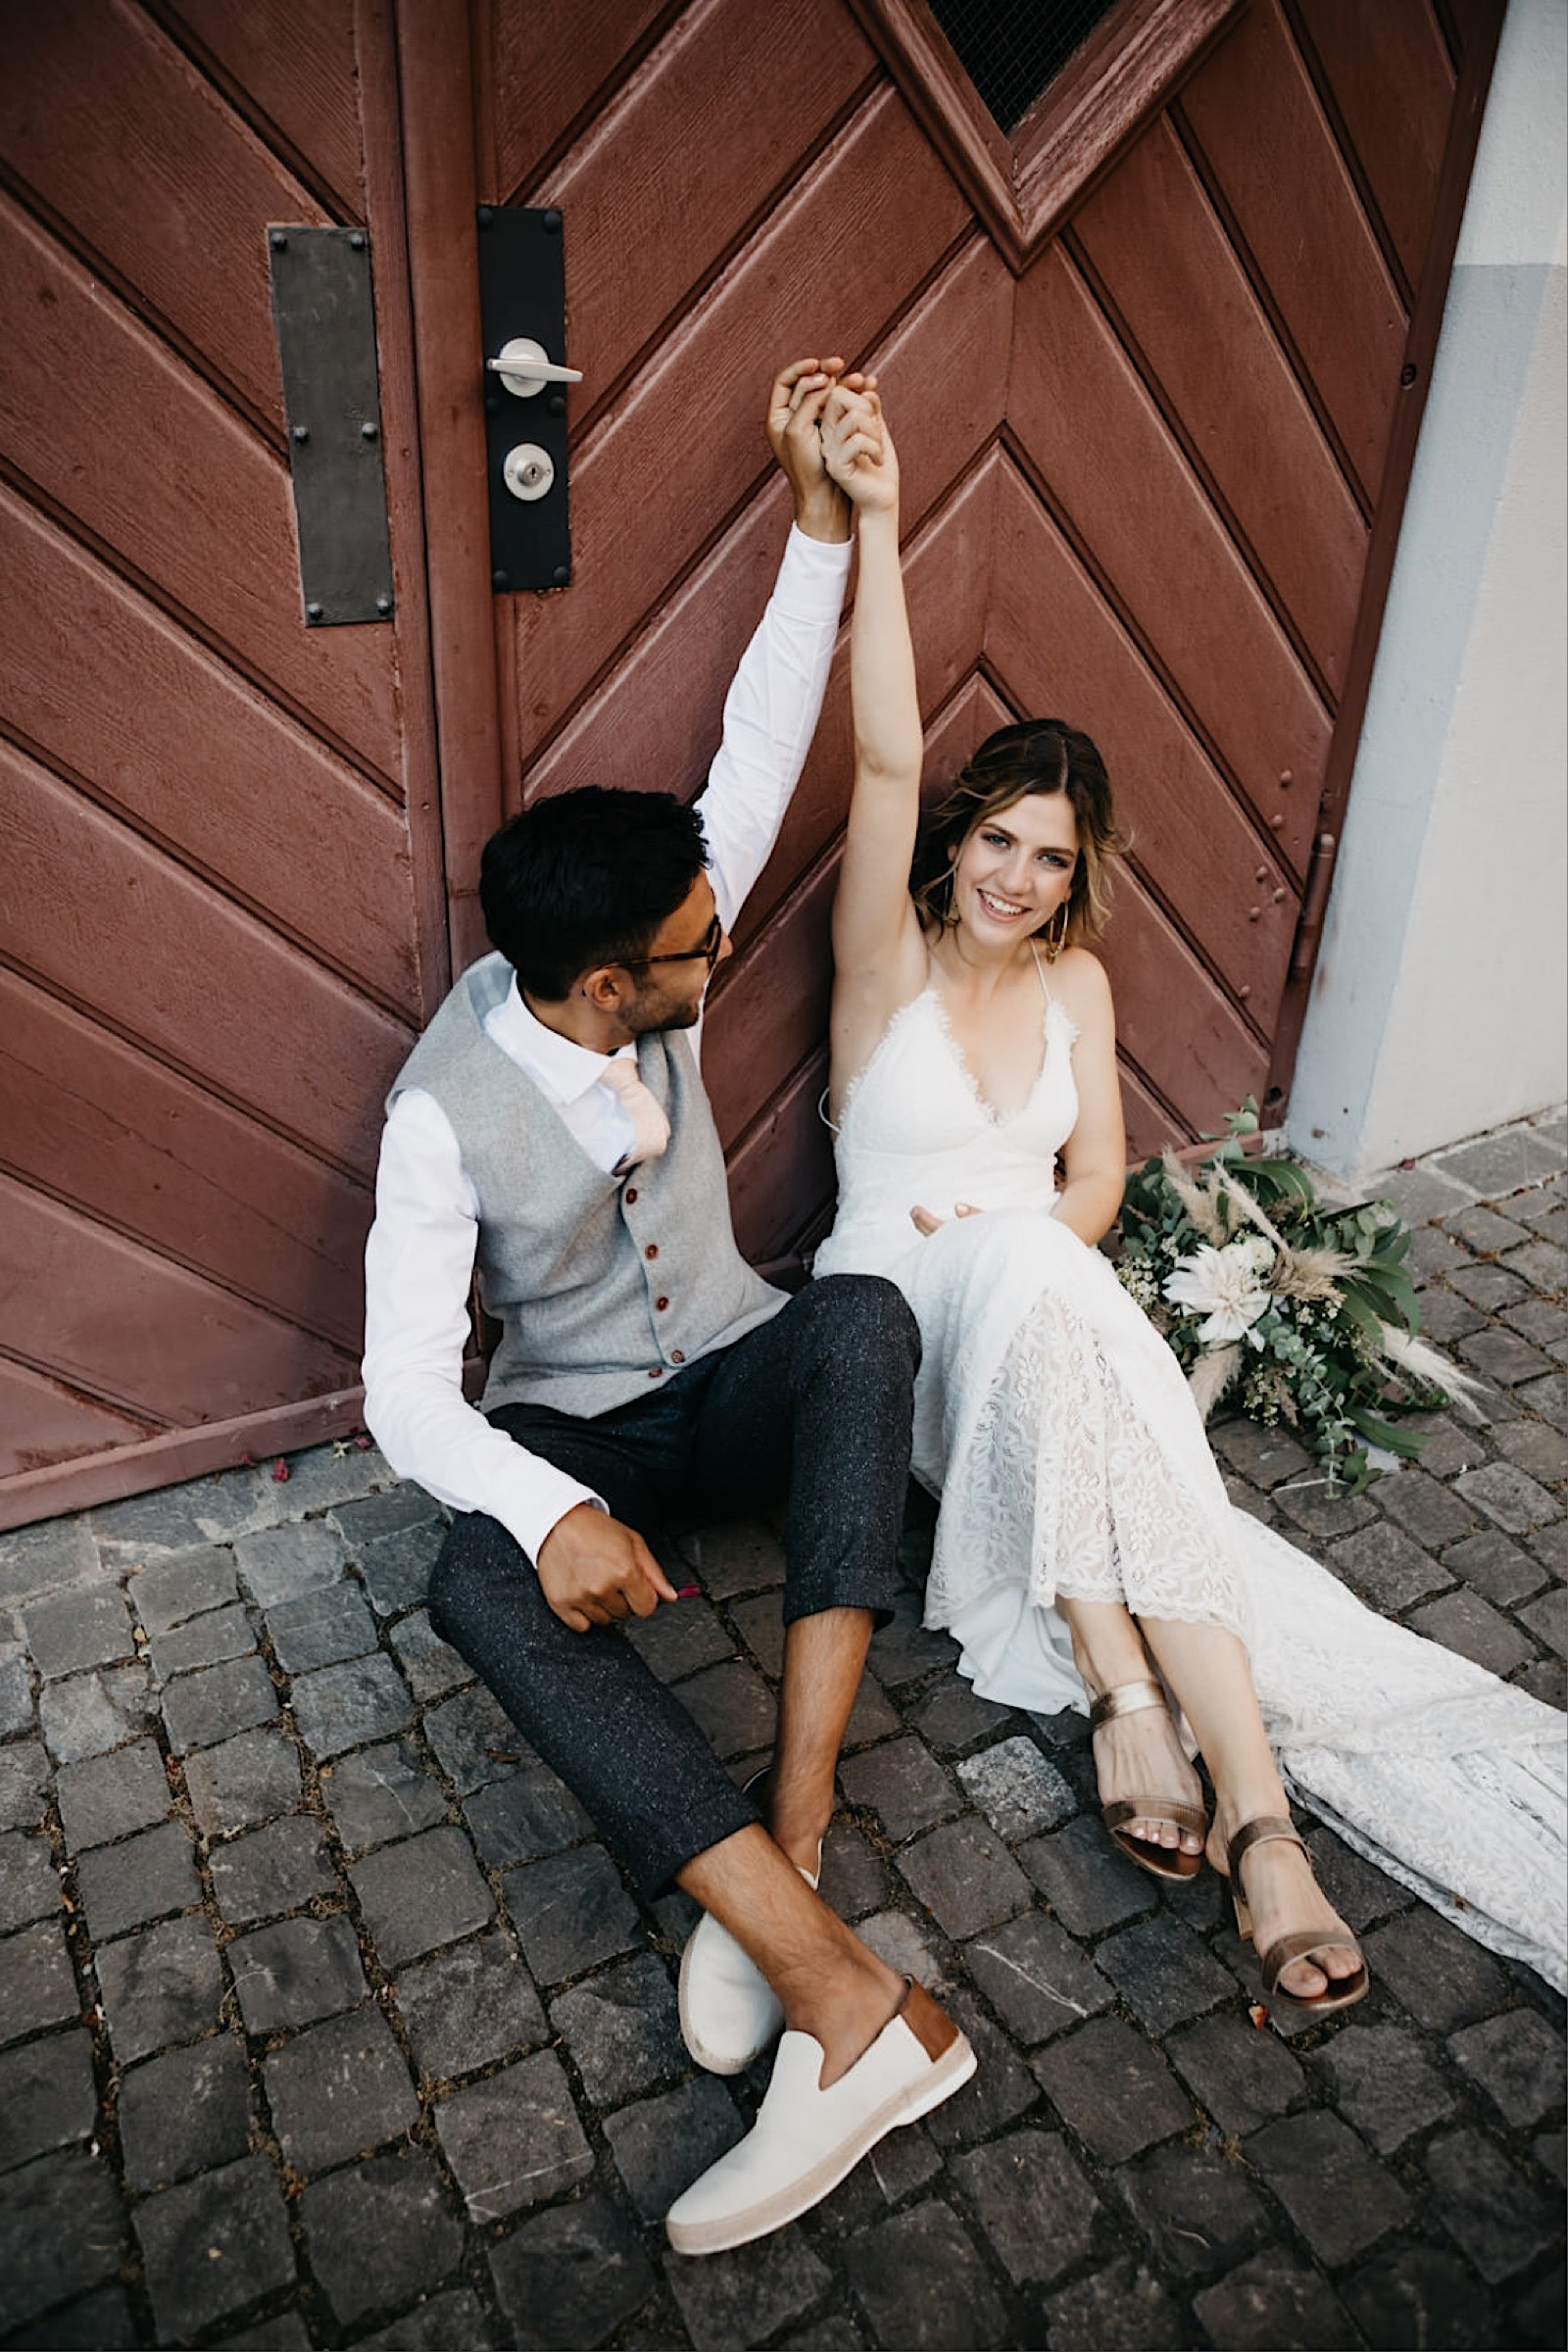 01_bohowedding_afterweddingshoot_elopement_switzerland (45 von 55).jpg